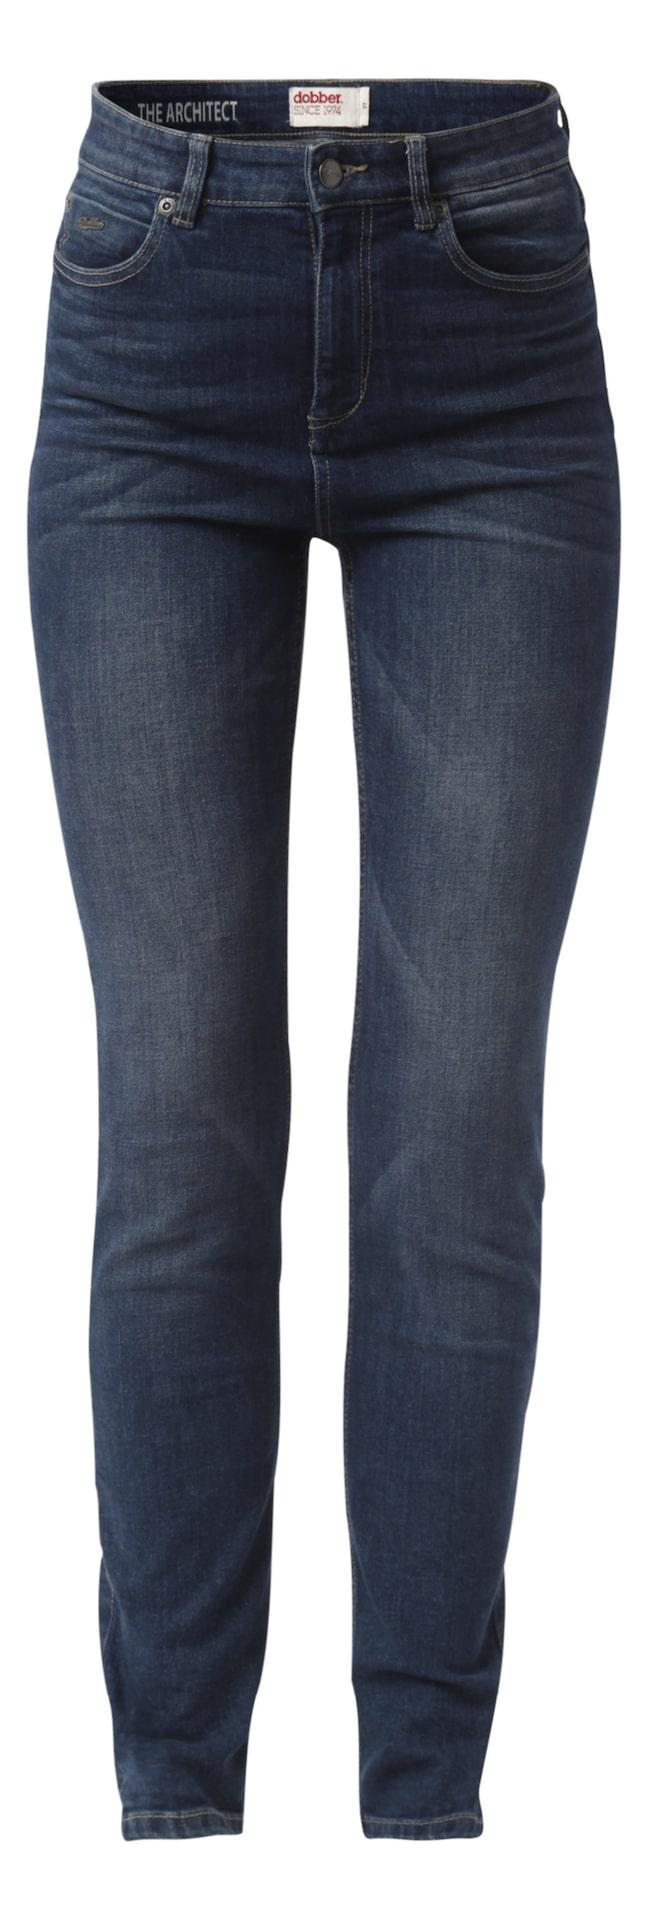 The Architect, Dobber, MQ, 599krDenimbyxa i 5-ficks modell i en mellanblå tvätt. Hög midja som håller magen på plats, smal passform och smalt ben nedtill.